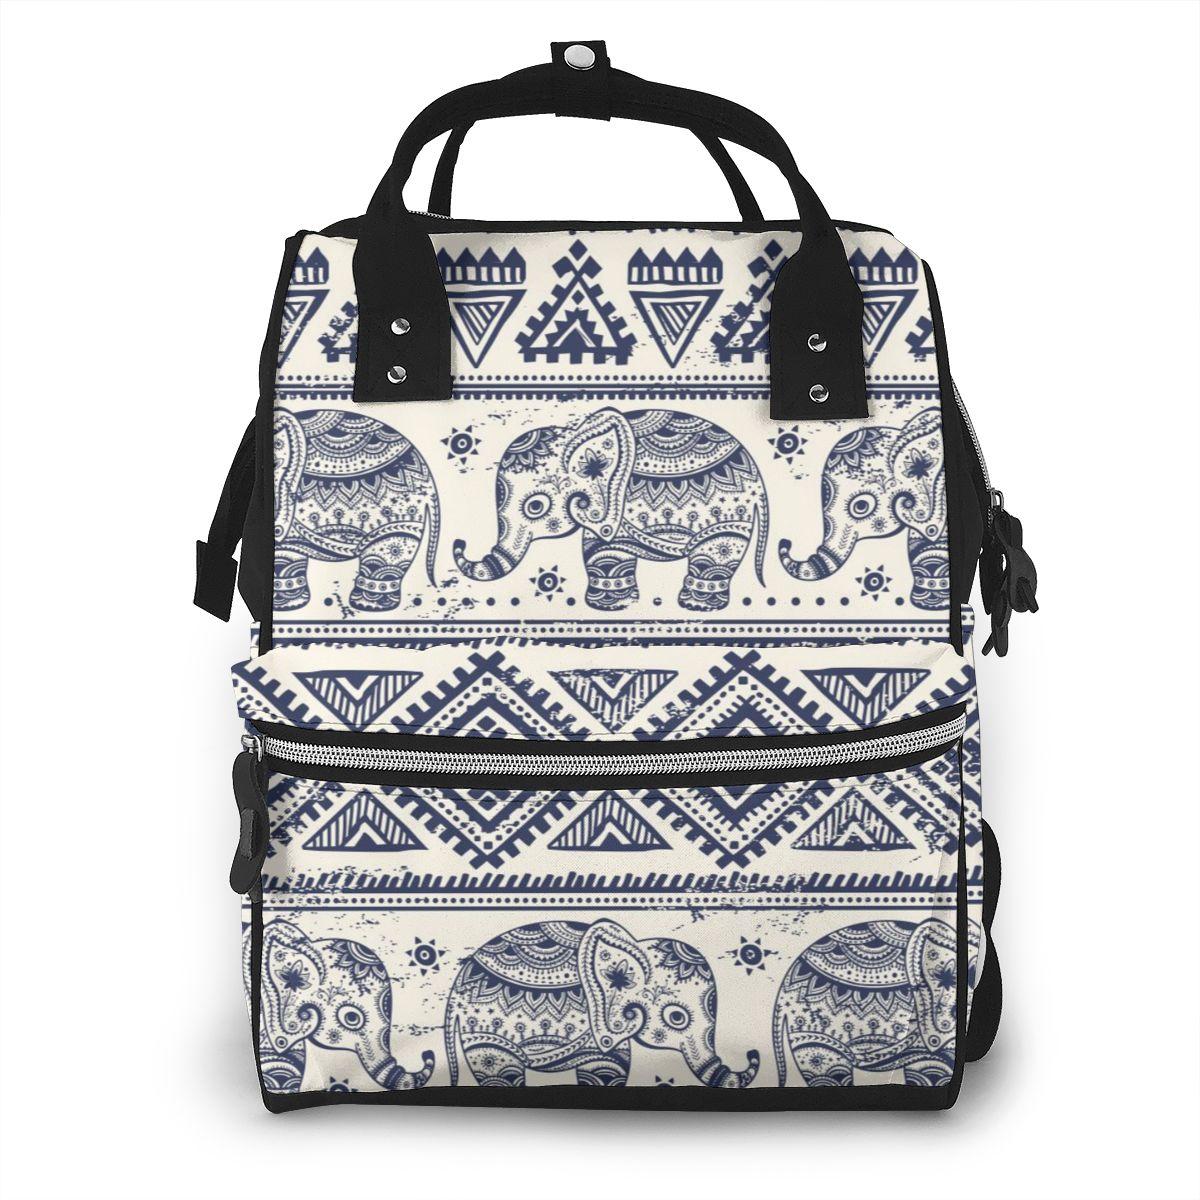 Bolsa de pañales con diseño de Mandala y elefante Boho, bolsas de maternidad para bebé, mochila de viaje para bebé, mochila cambiante, organizador de cochecito para mujer